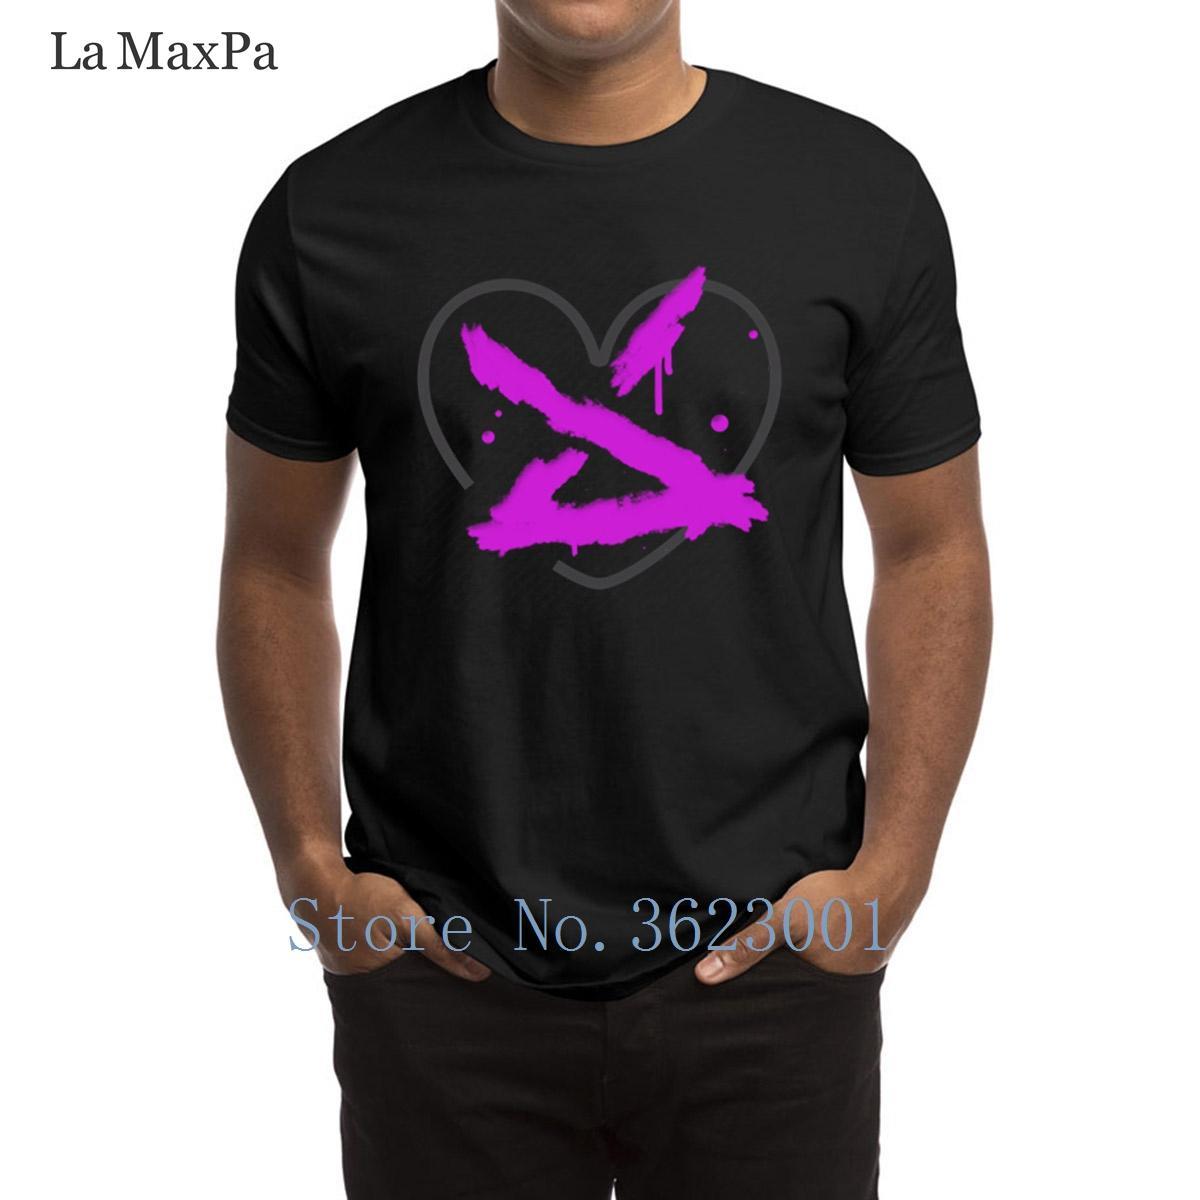 Personnalisé Loisirs T-shirt homme Blazer Axel Partager L'amour T-shirt T-shirt d'été pleine d'humour Taille populaires-3XL Tee-shirt Top